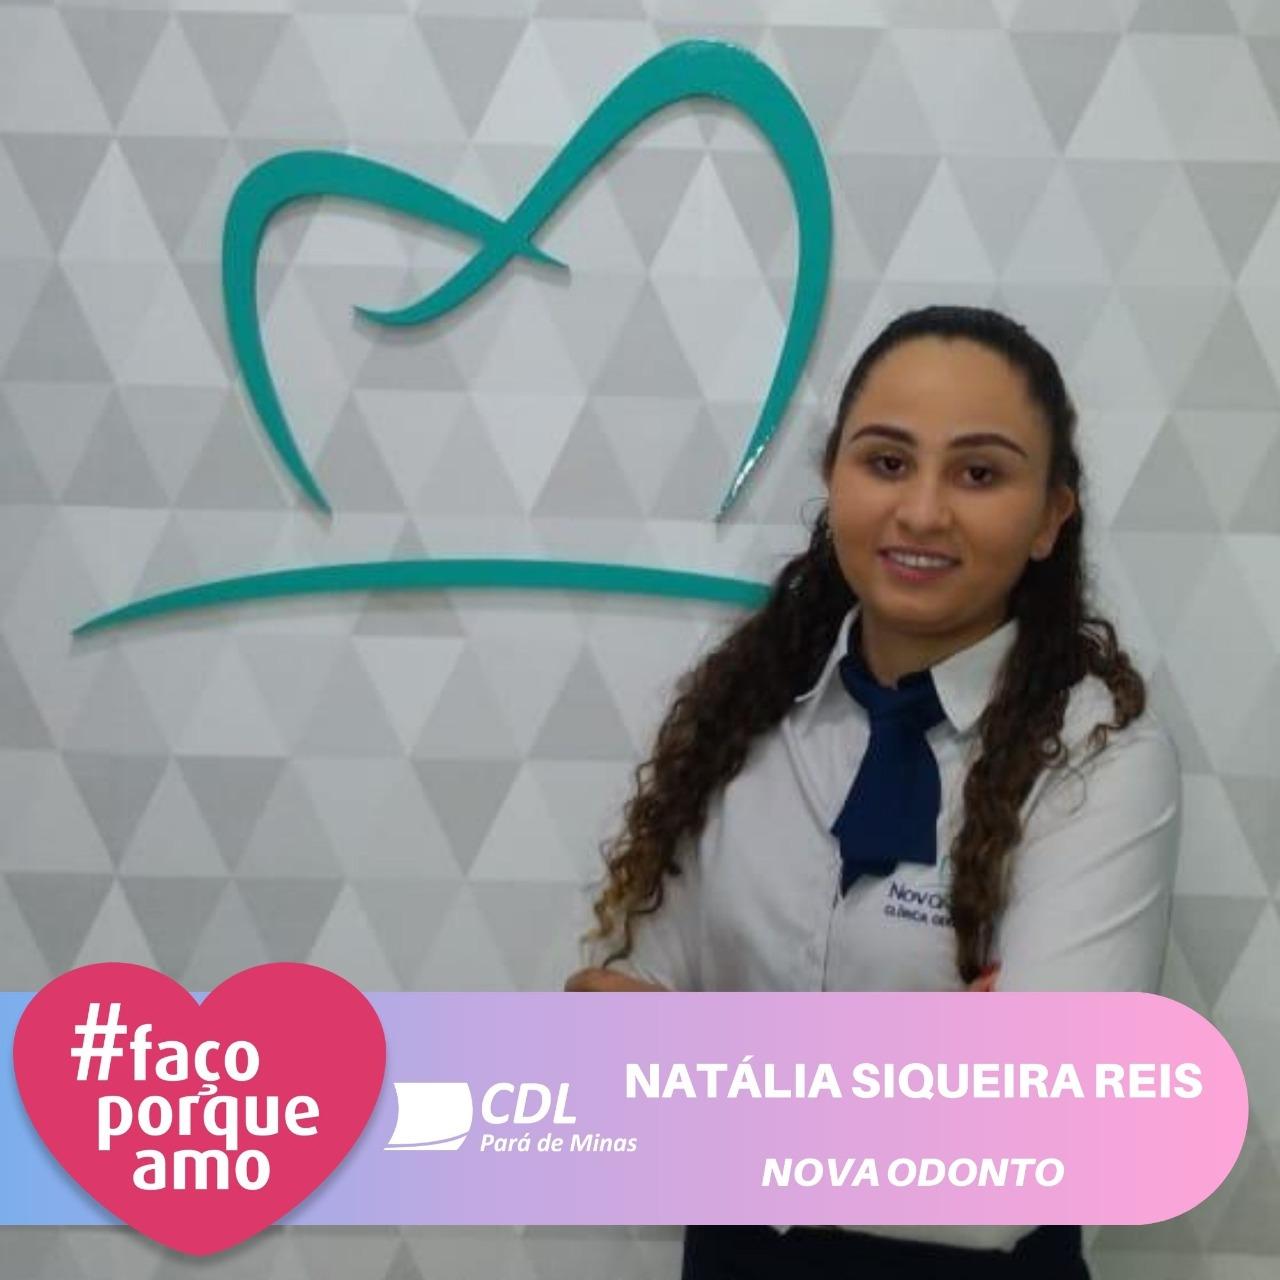 #FAÇOPORQUEAMO – NATÁLIA SIQUEIRA REIS